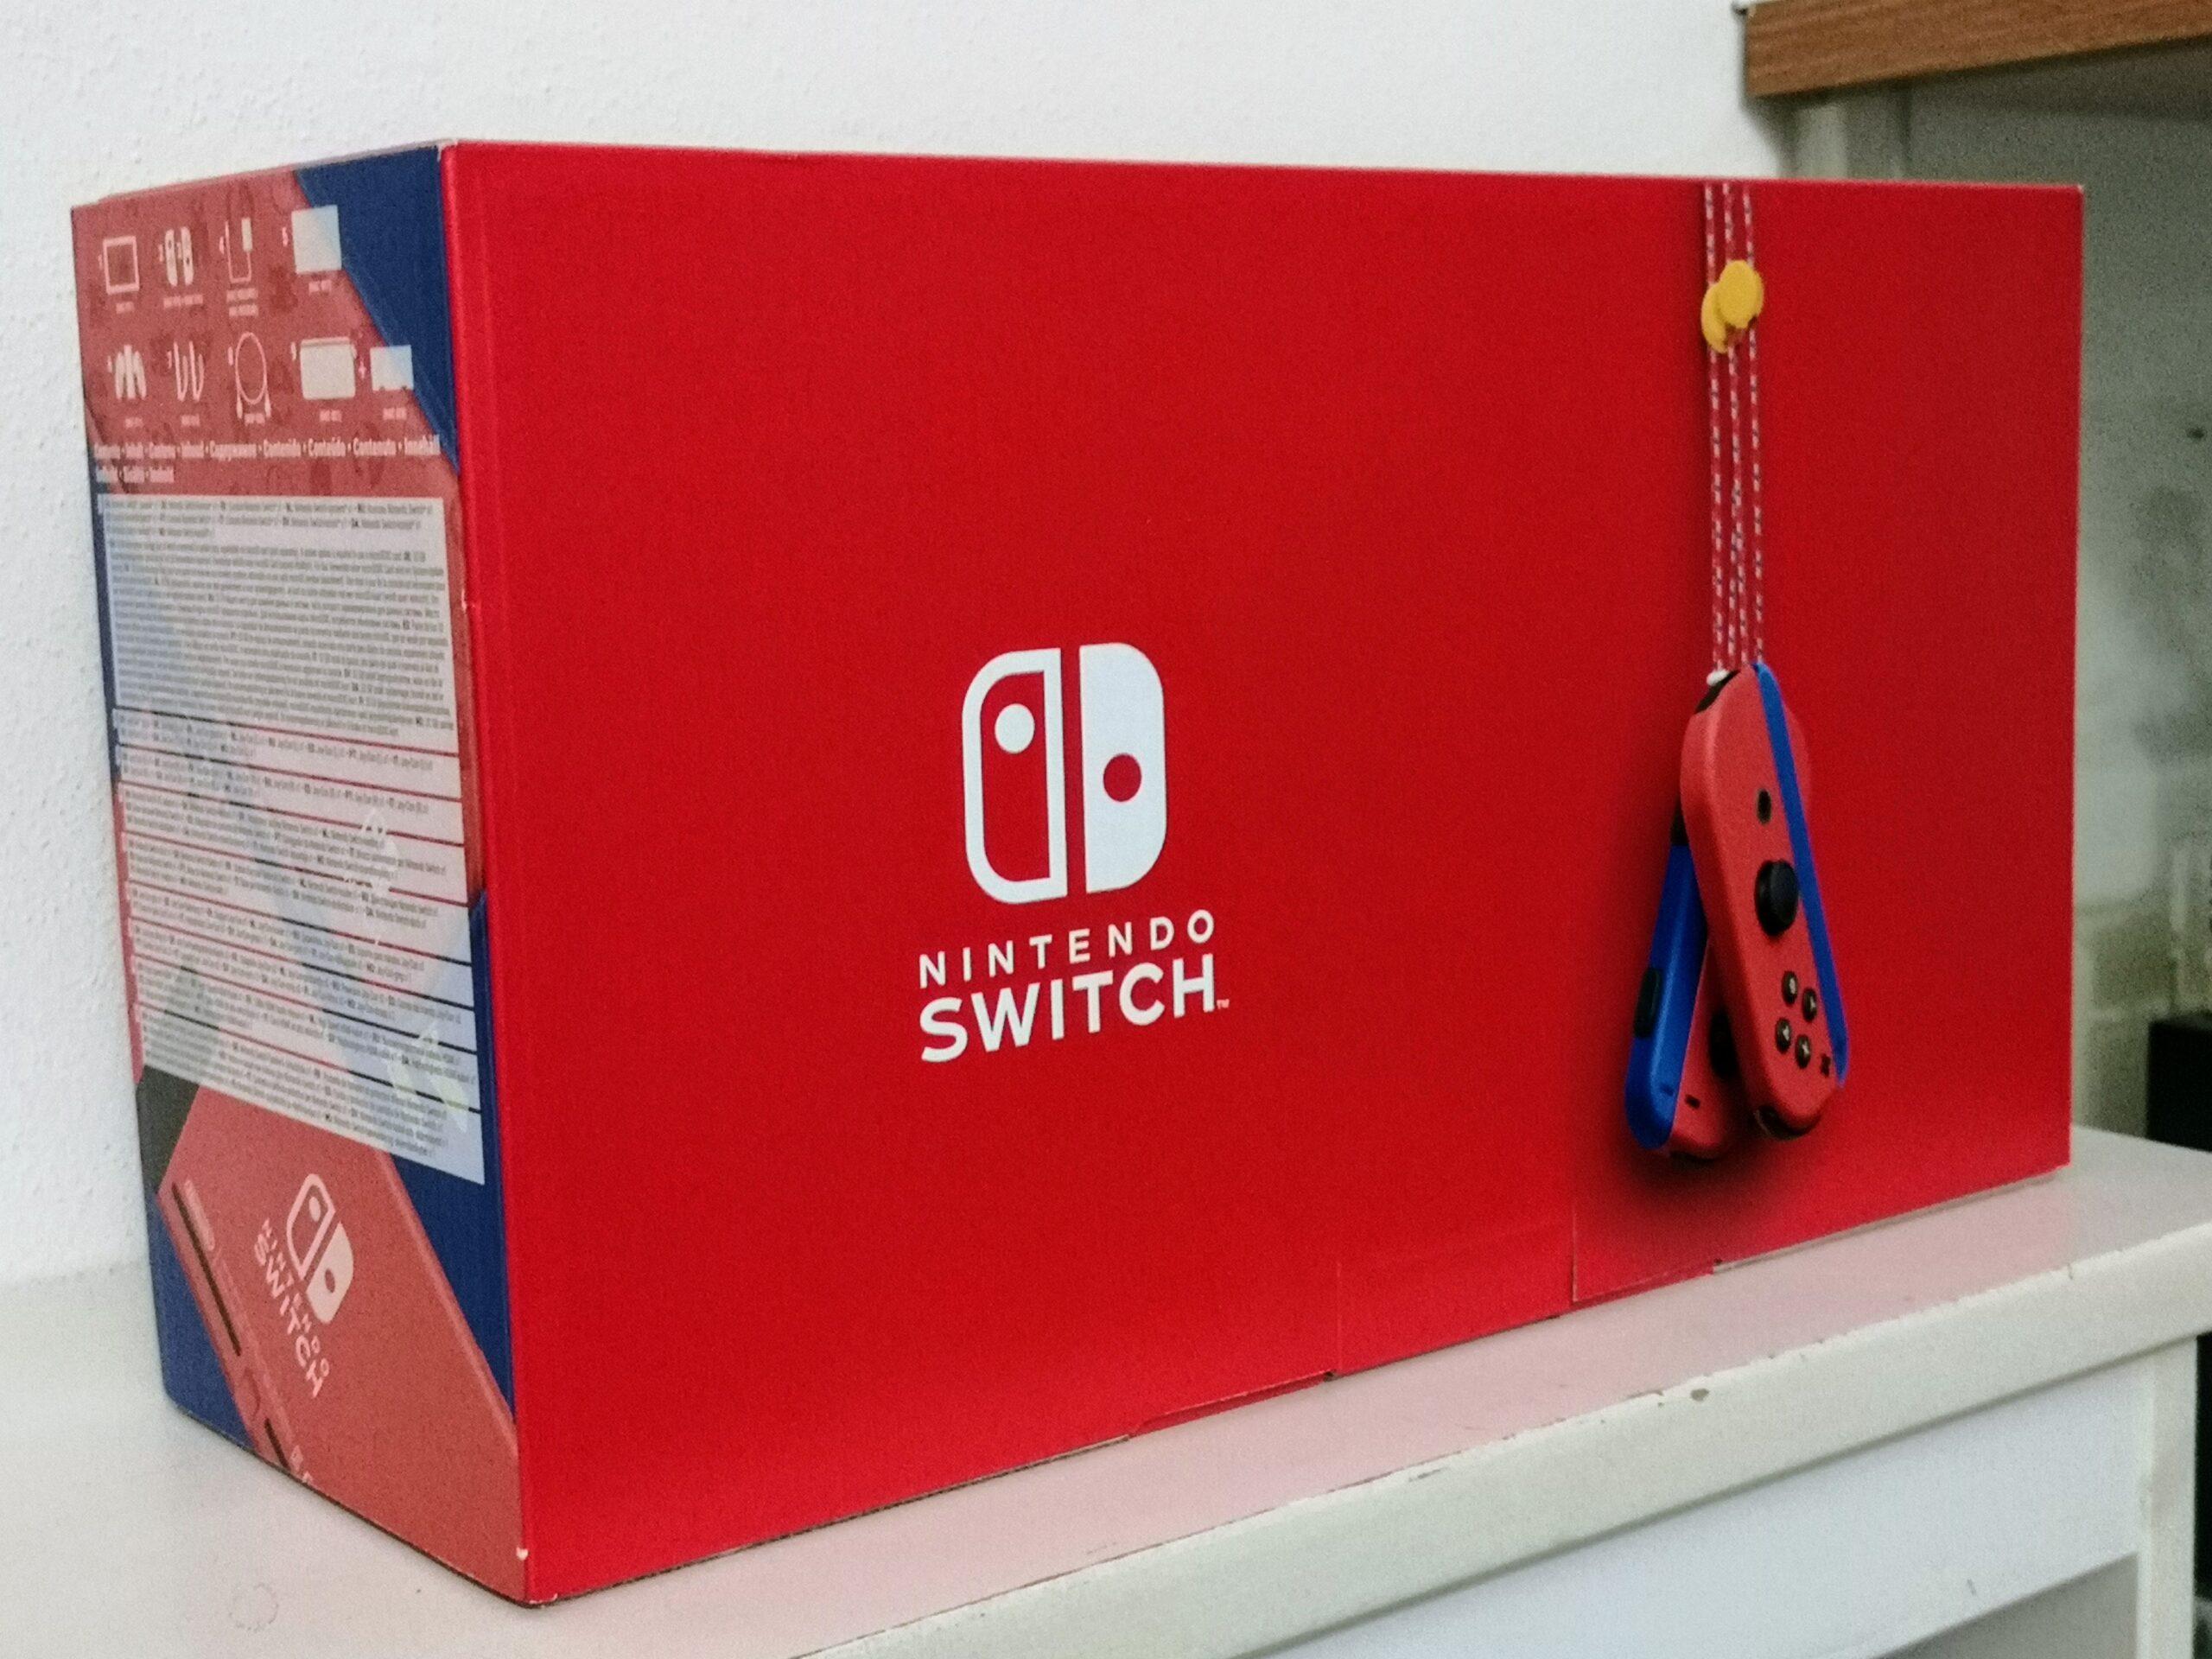 Nintendo Switch Mario Red & Blue Edition dettaglio retro confezione